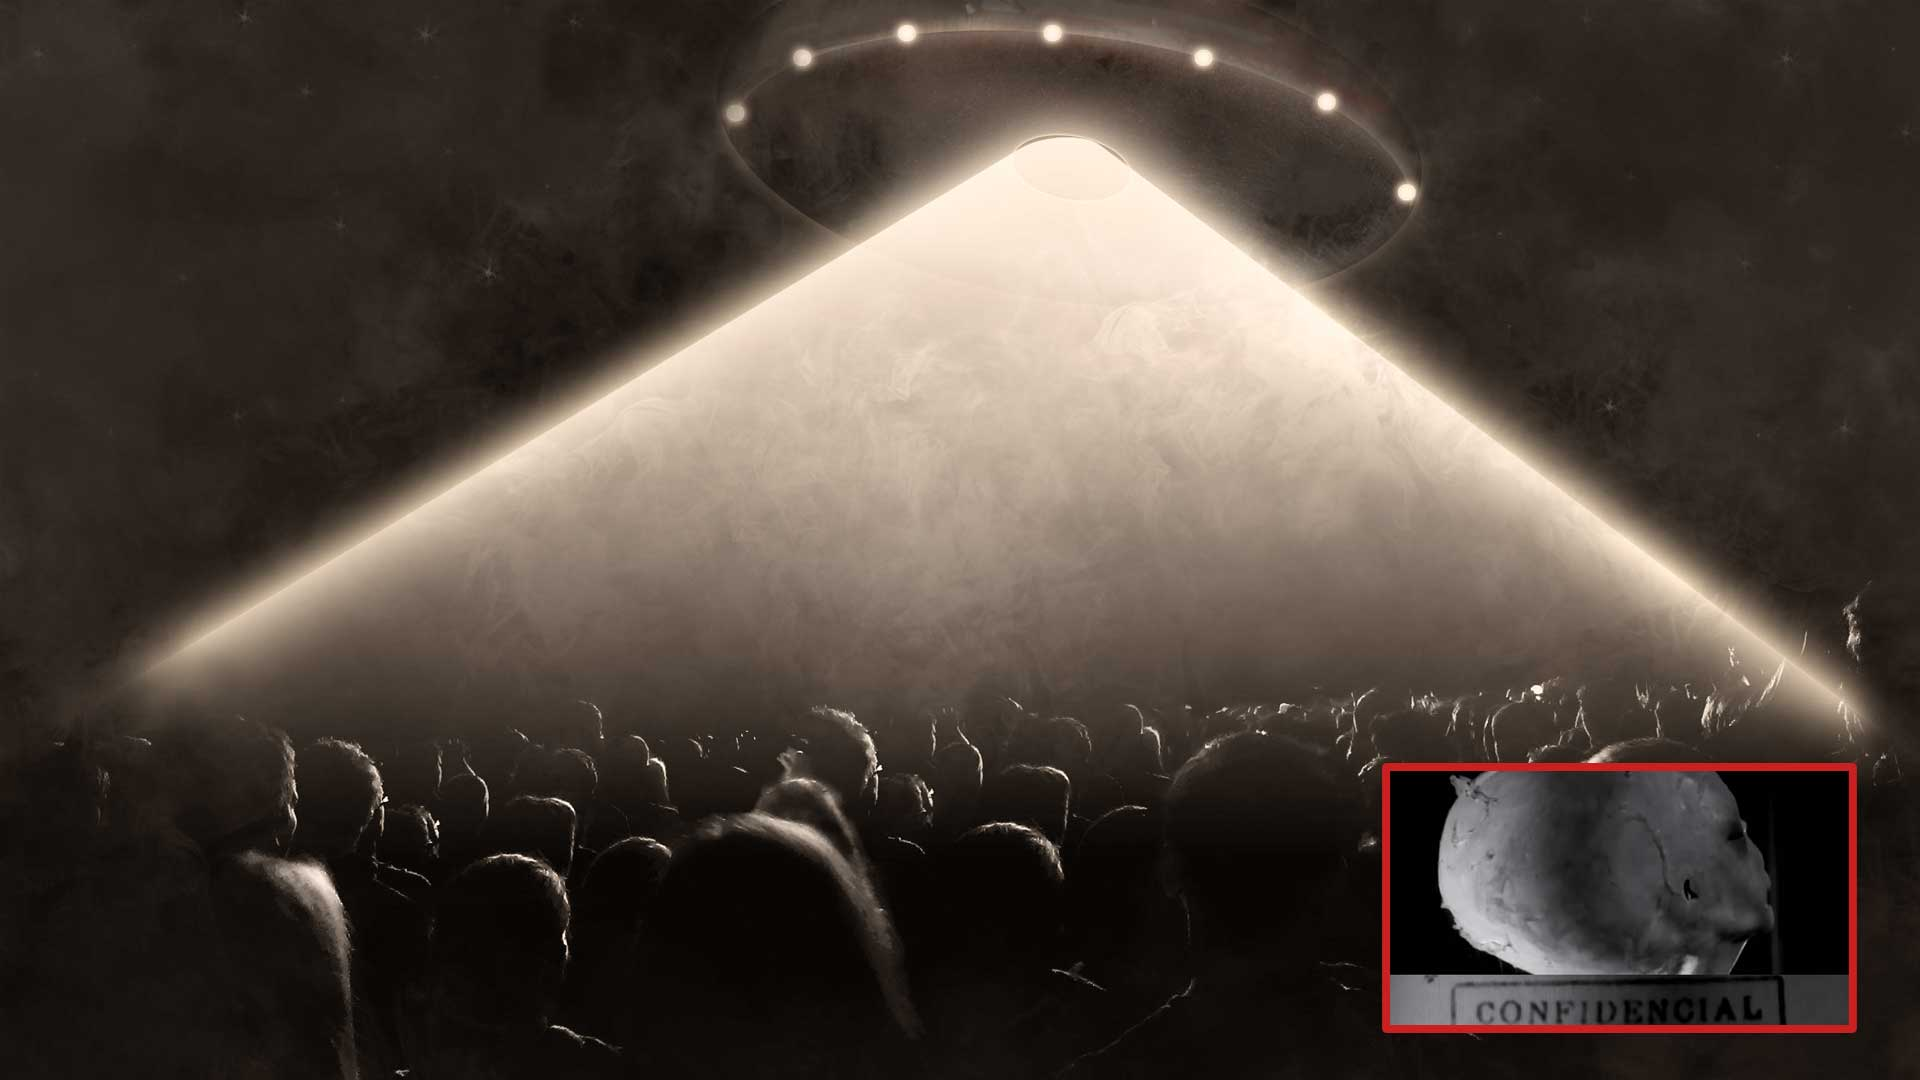 Los misterioso encuentro alienígena en Colares de 1977